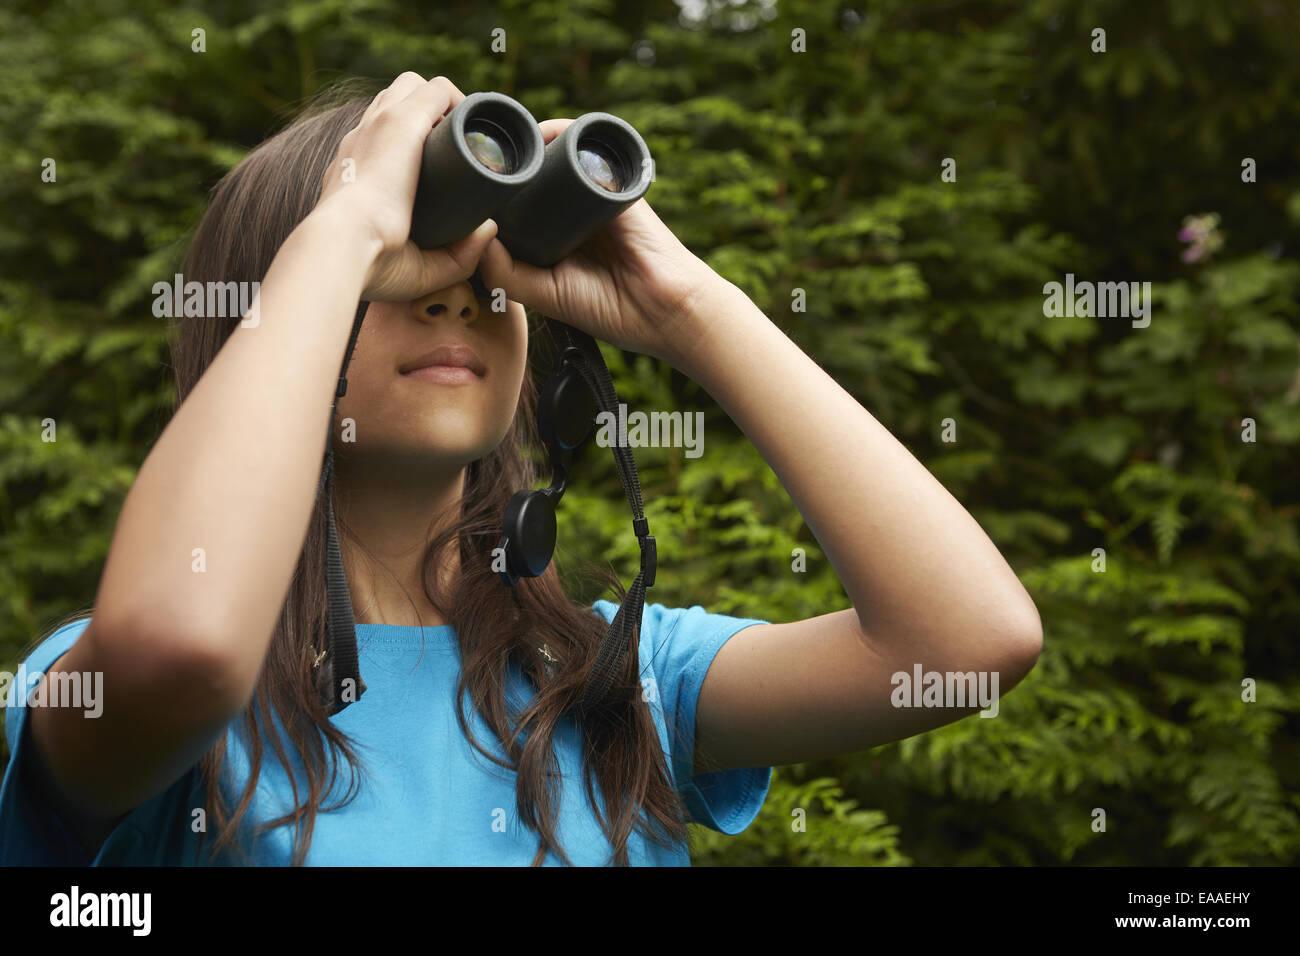 Une jeune fille avec l'observation des oiseaux des jumelles. Photo Stock